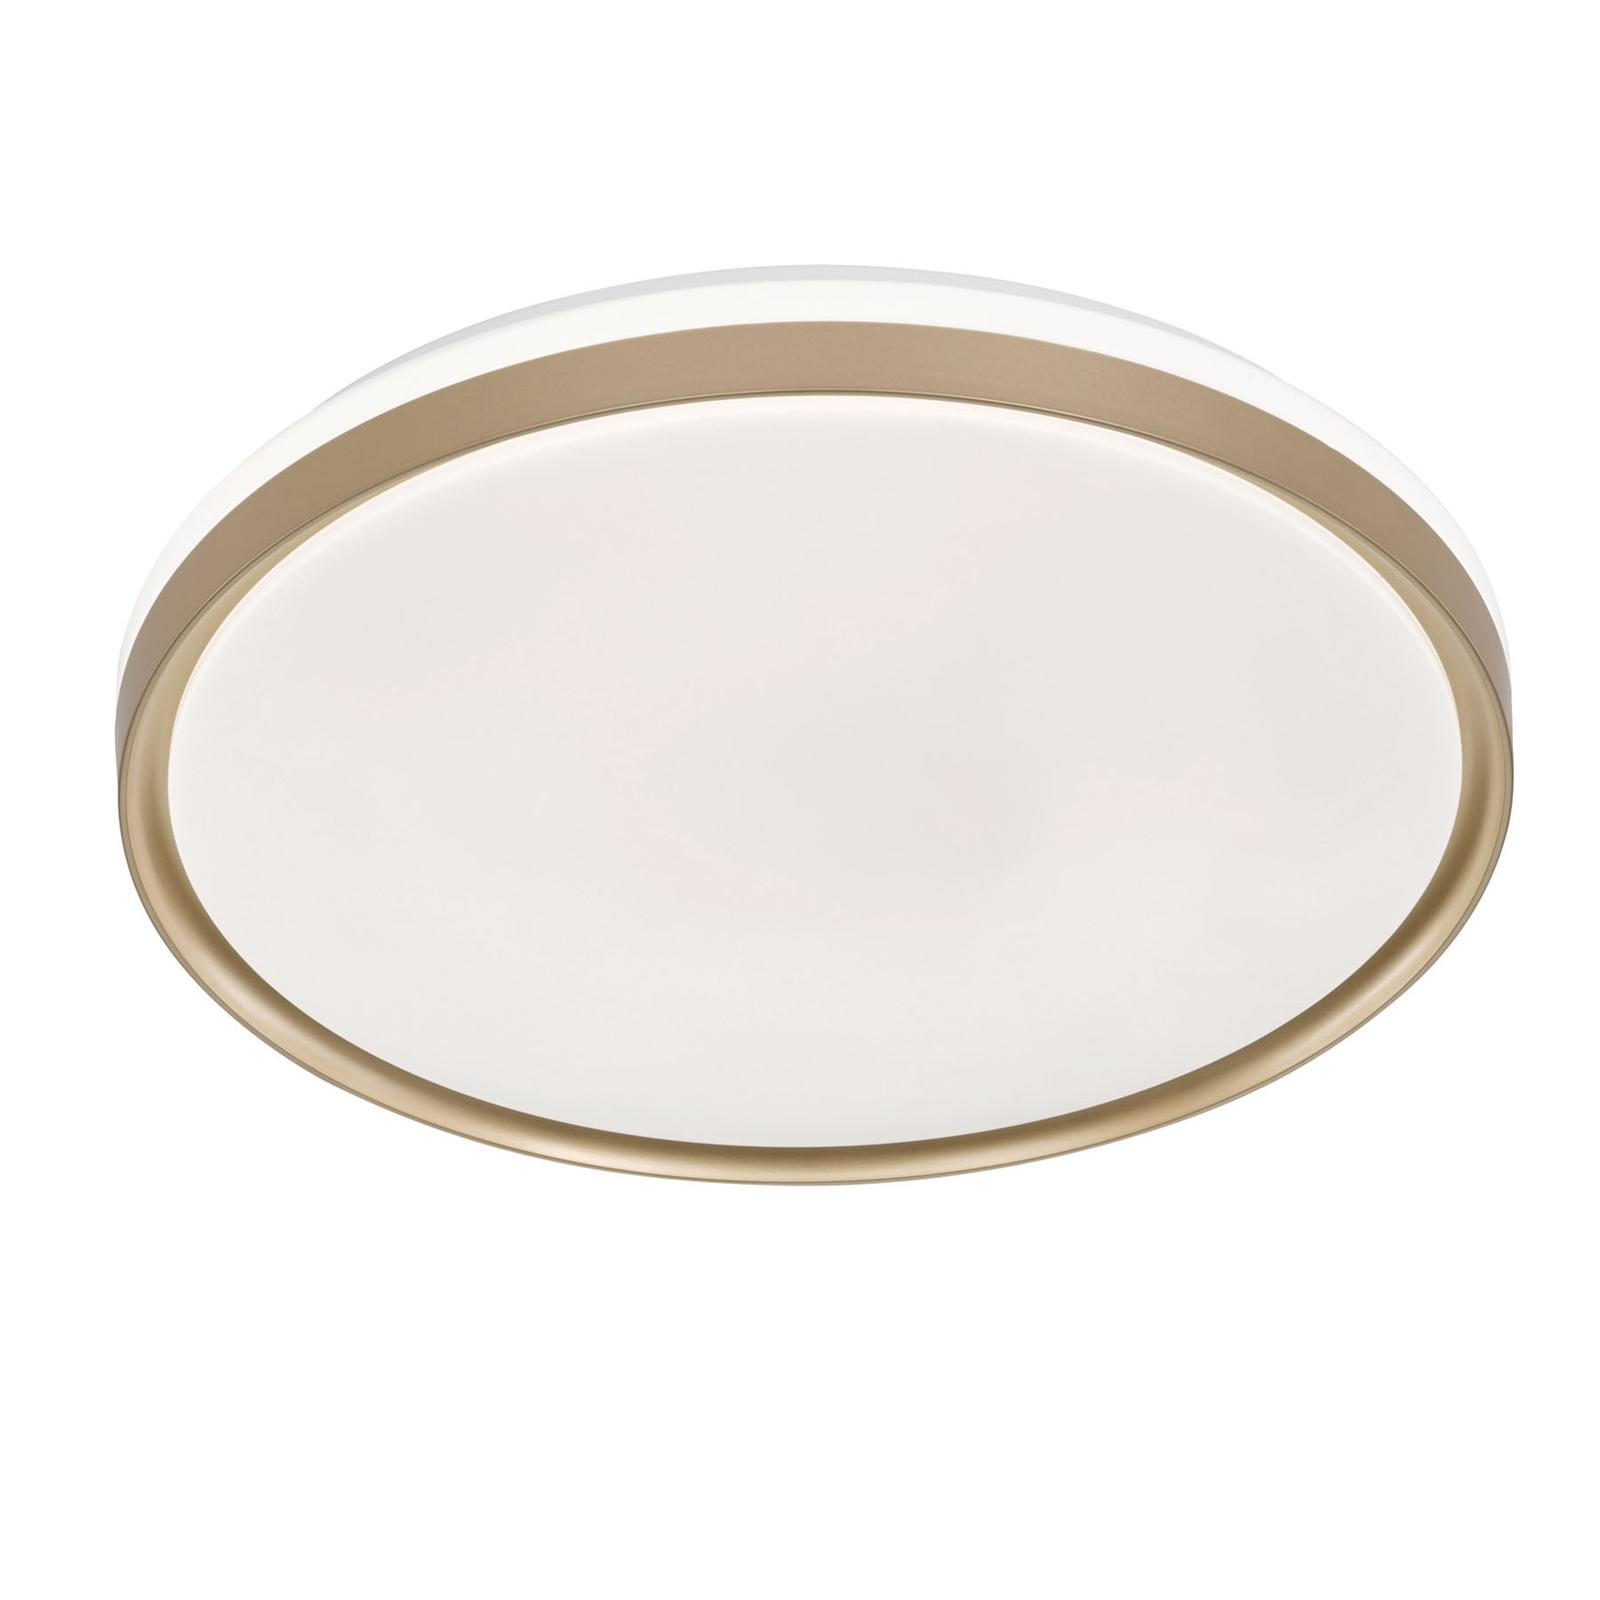 Plafonnier LED Jaso BS, Ø 49cm, doré